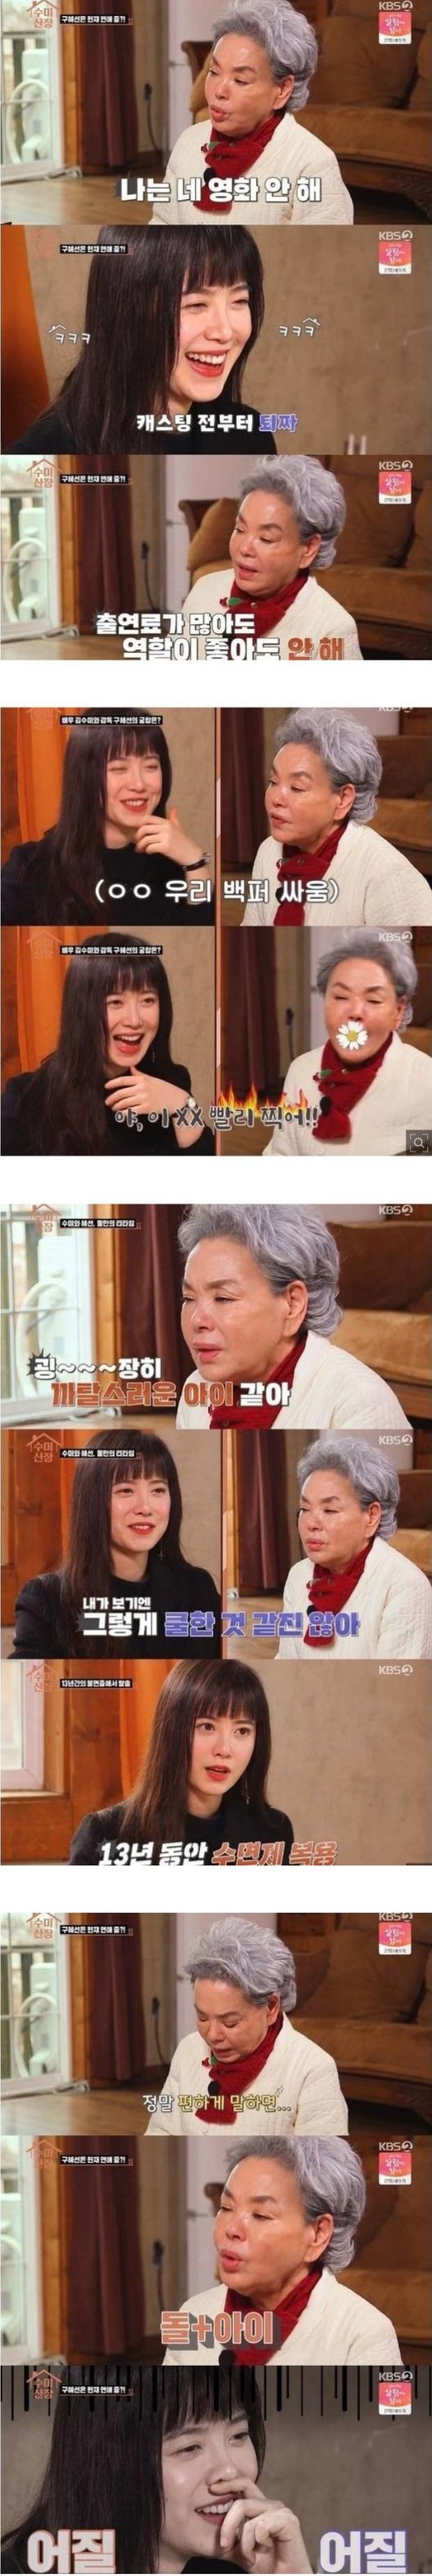 김수미가 본 구혜선